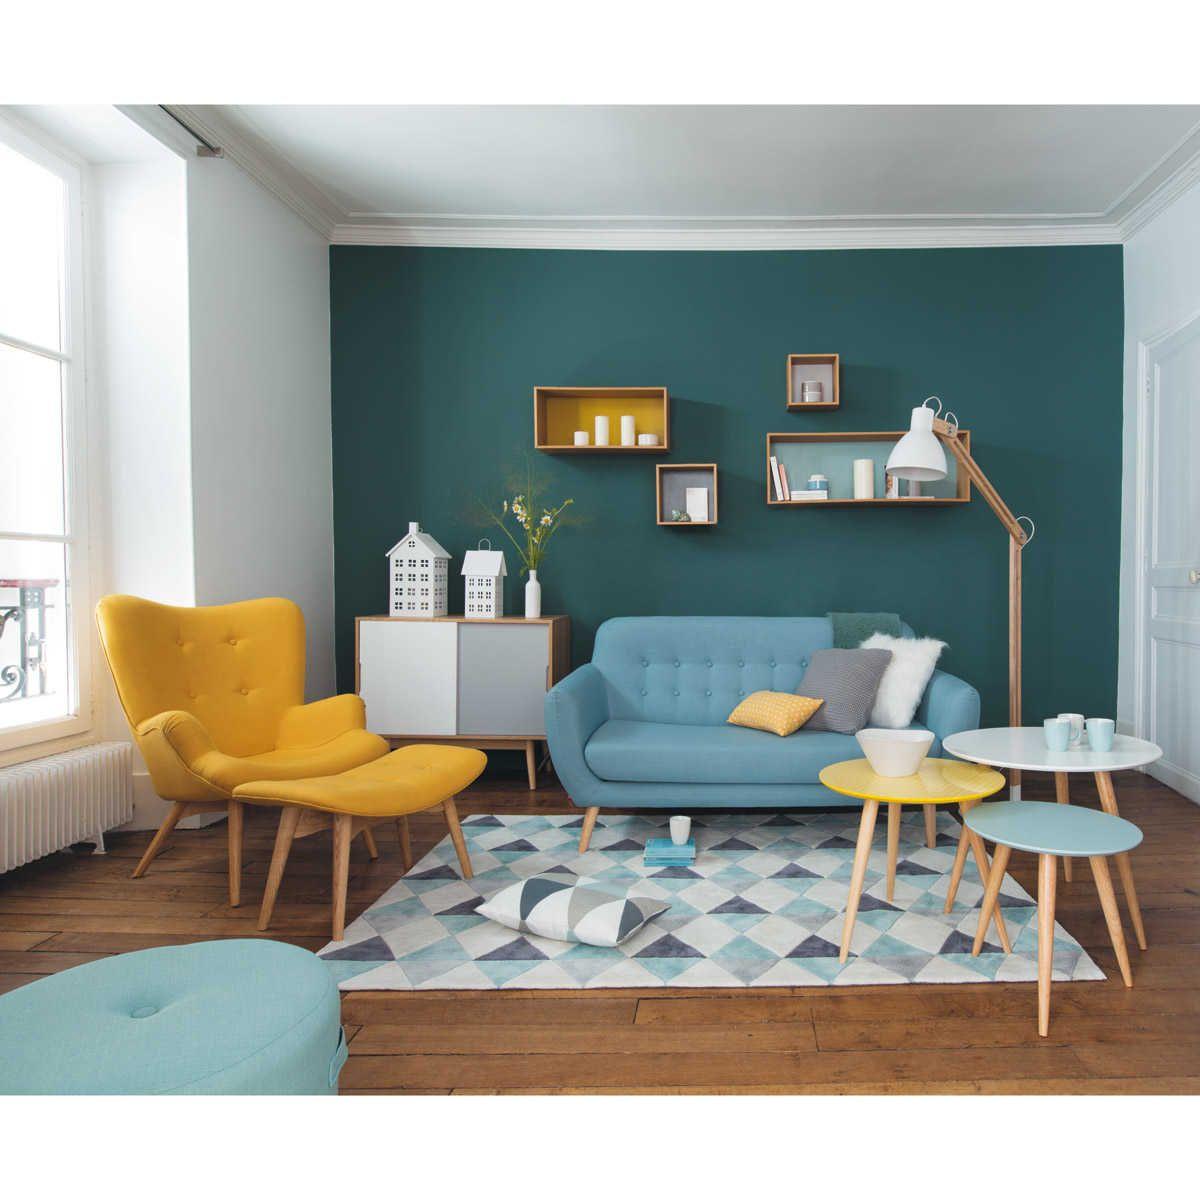 Wohnzimmer Dunkler Boden Mit Luxus Wohnzimmer Dunkler: Wohnzimmer Dunkler Boden Welche Wandfarbe